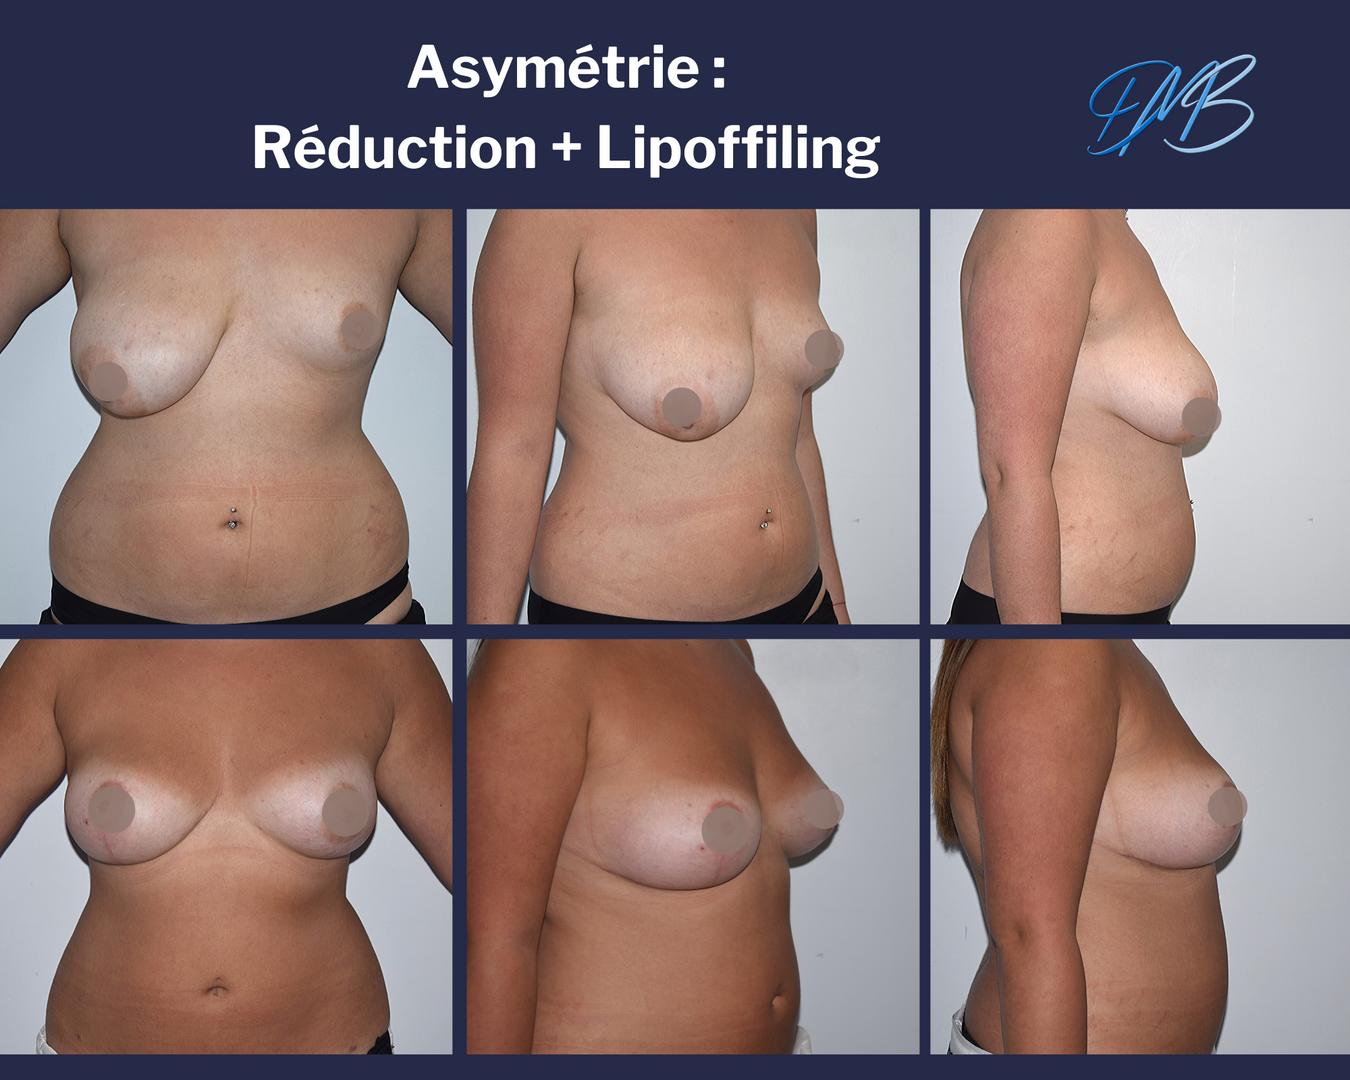 Asymétrie mammaire majeure : symétrisation par lipofilling + réduction mammaire